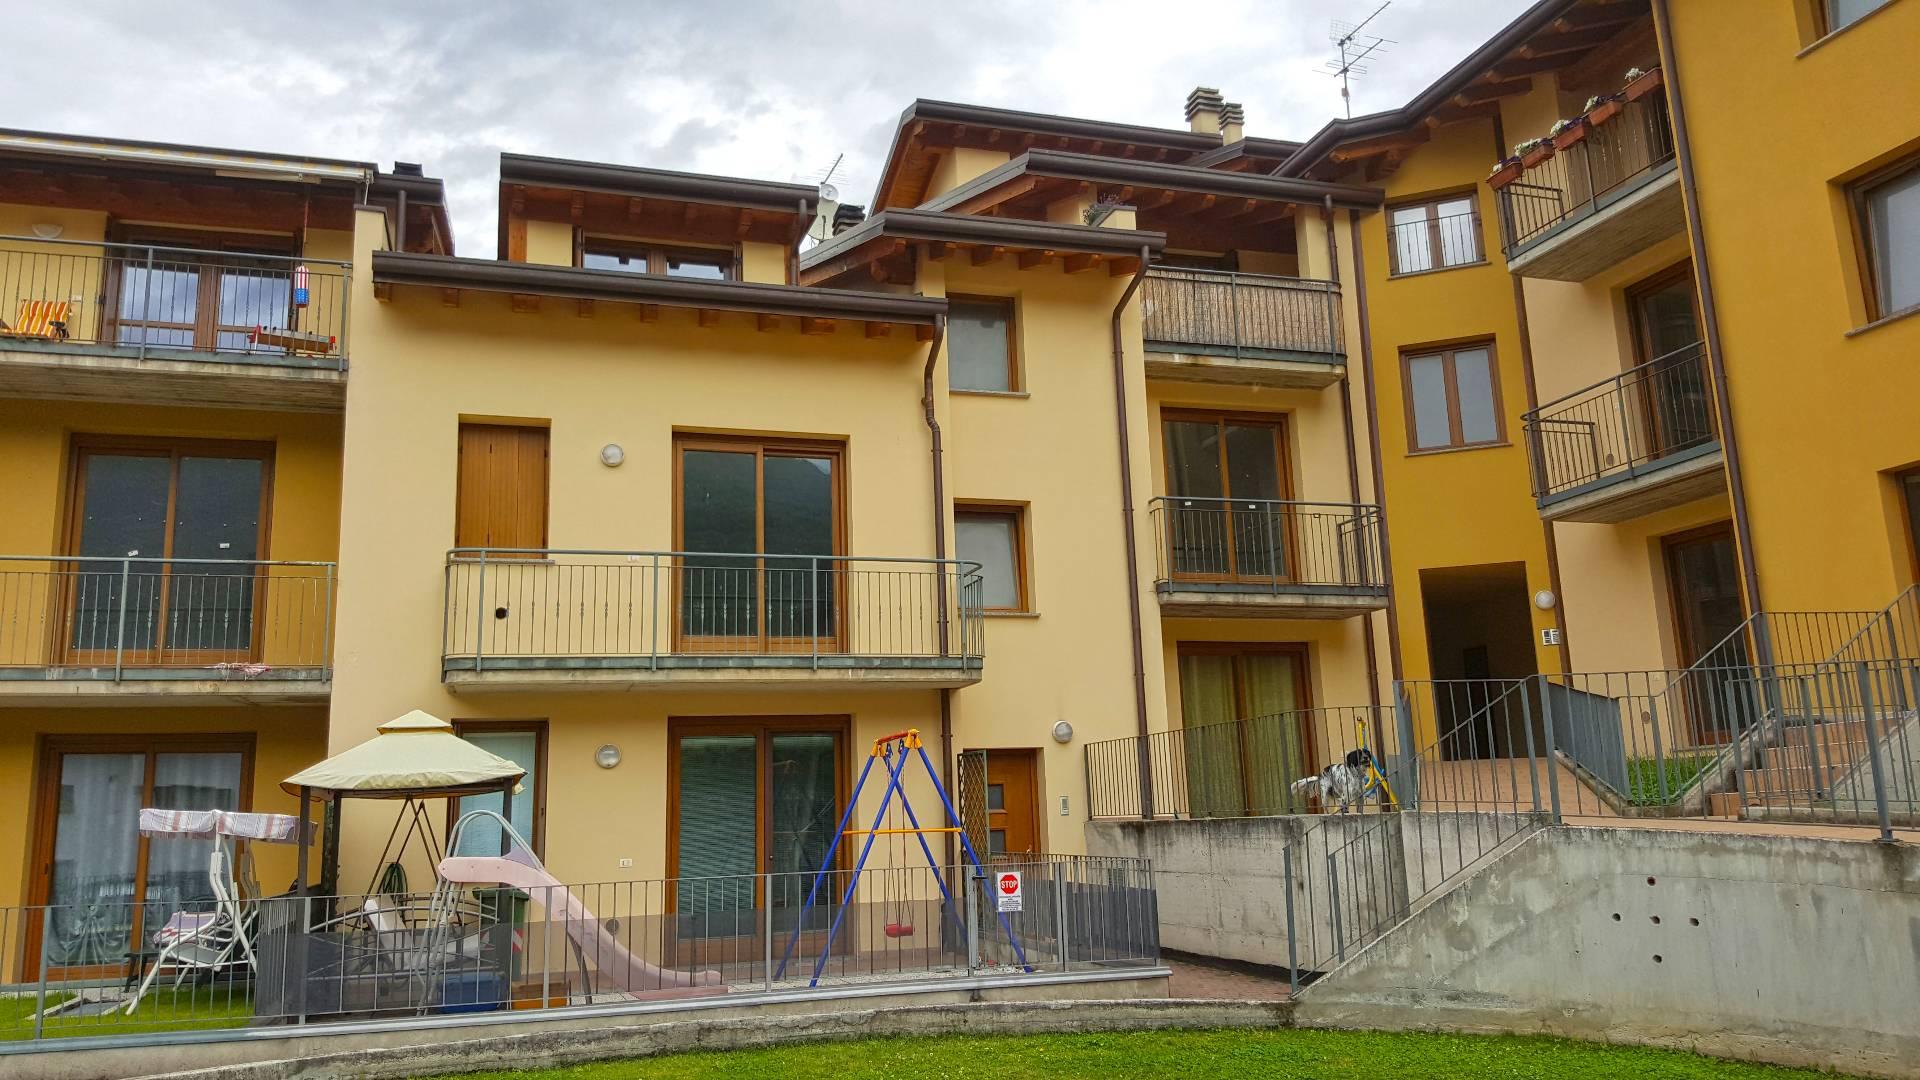 Appartamento in vendita a Bienno, 2 locali, prezzo € 70.000 | Cambio Casa.it